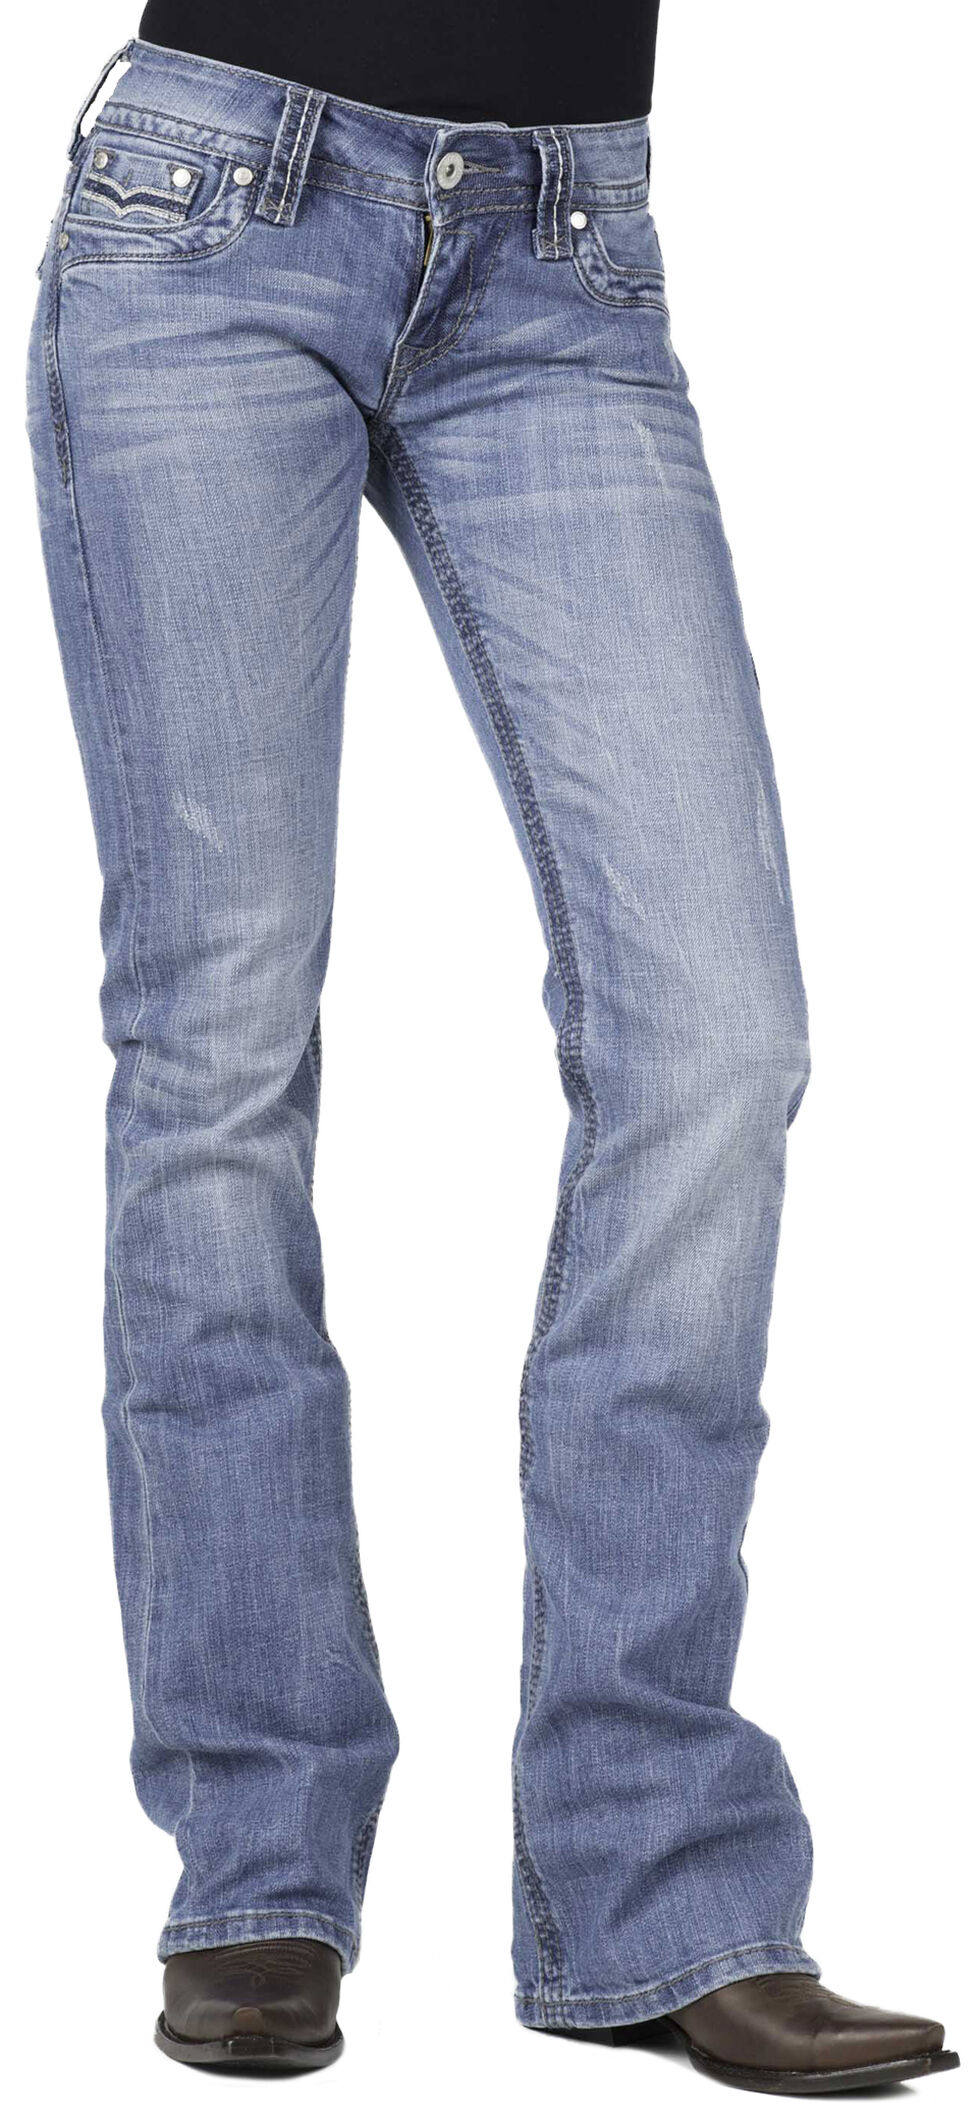 Stetson 818 Flap Back Pocket Jeans - Plus Size, Denim, hi-res